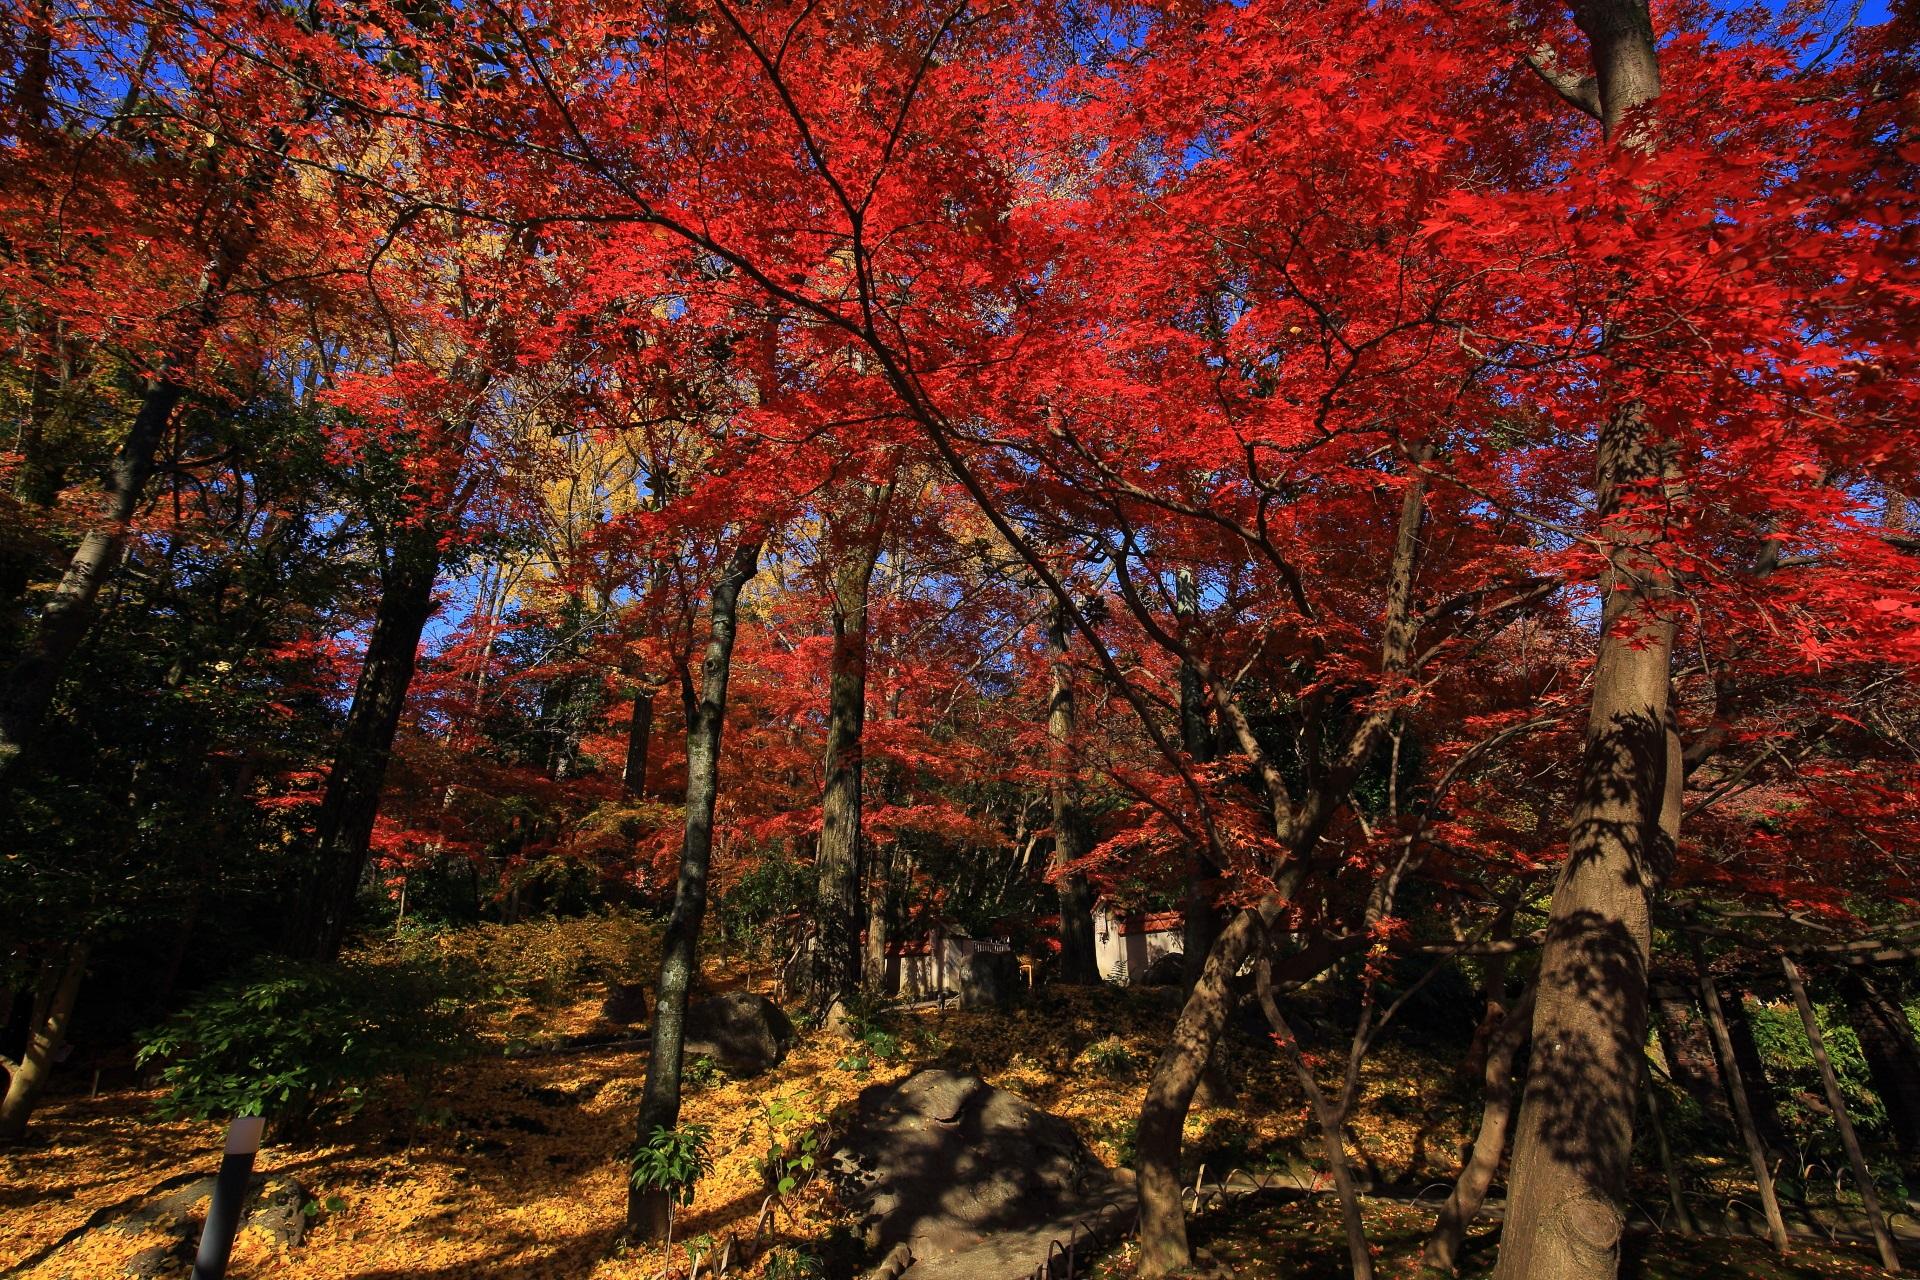 太陽を浴びて煌く鮮烈な赤さの紅葉